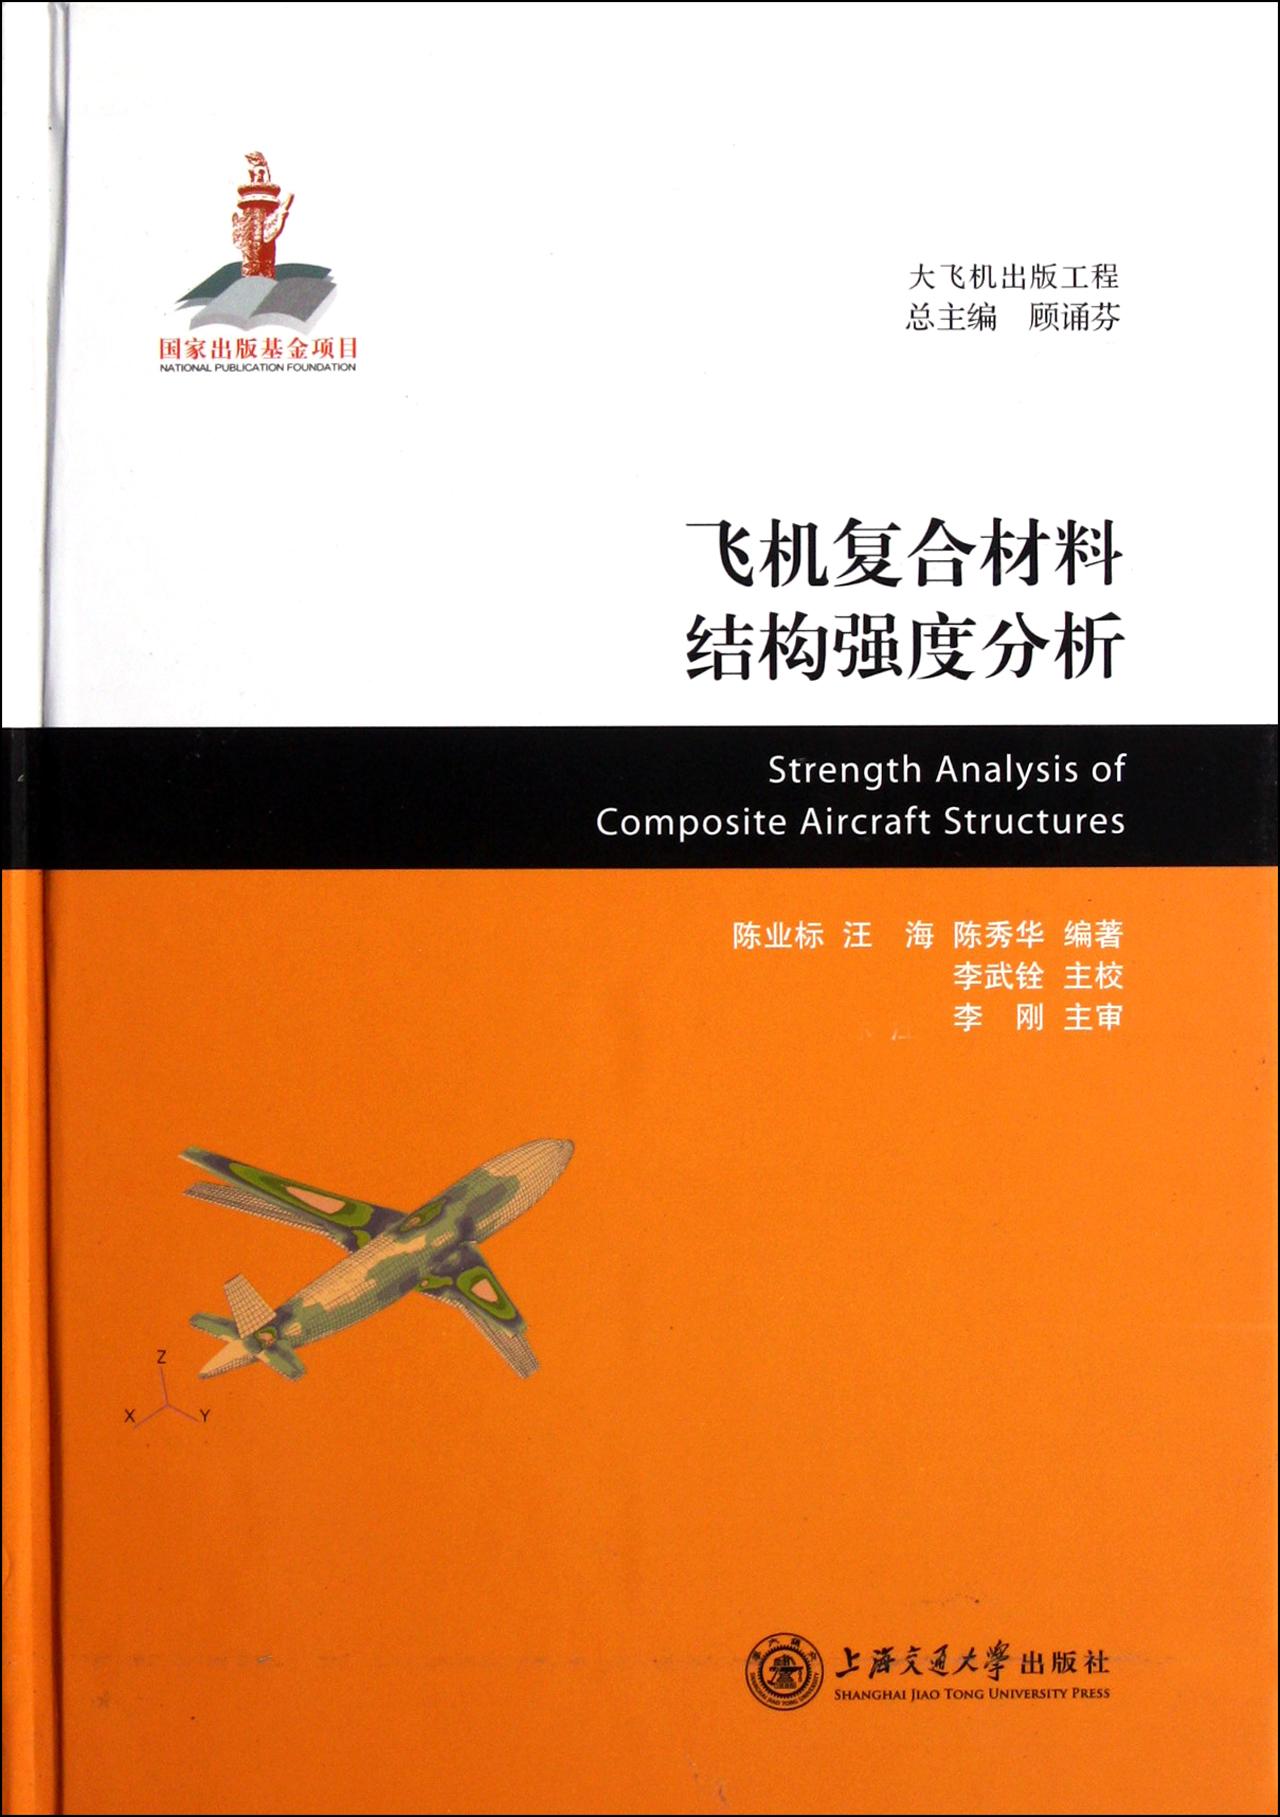 飞机复合材料结构强度分析精